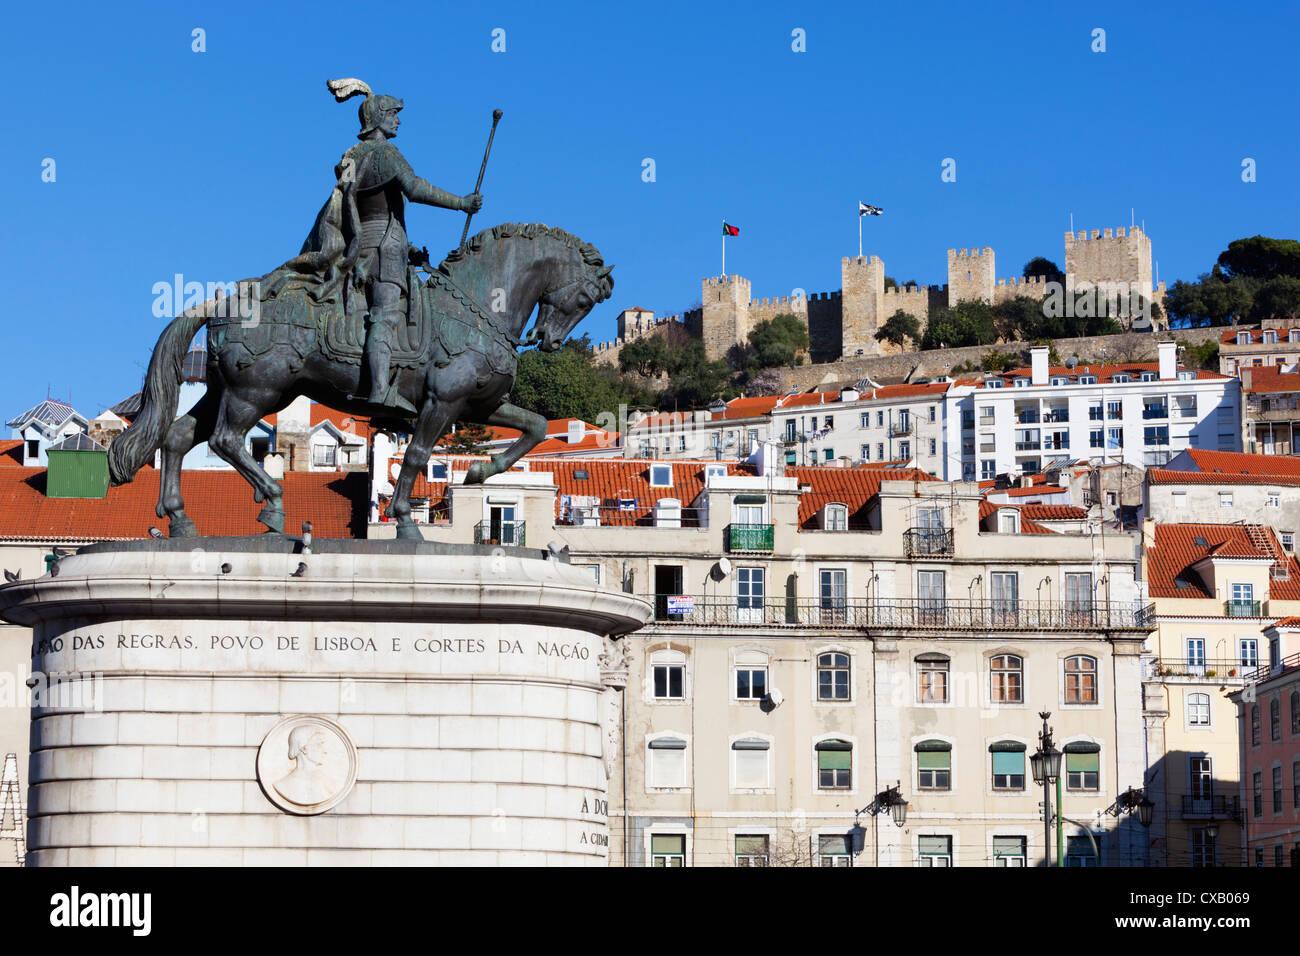 Statue of King John 1st and Castelo de Sao Jorge, Praca da Figueira, Baixa, Lisbon, Portugal, Europe - Stock Image